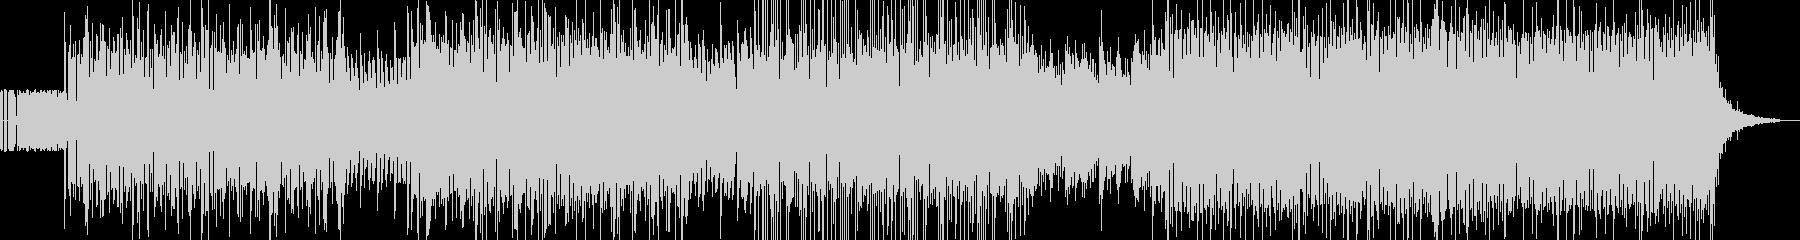 気持ちよく聴けることを重視したEDMの未再生の波形